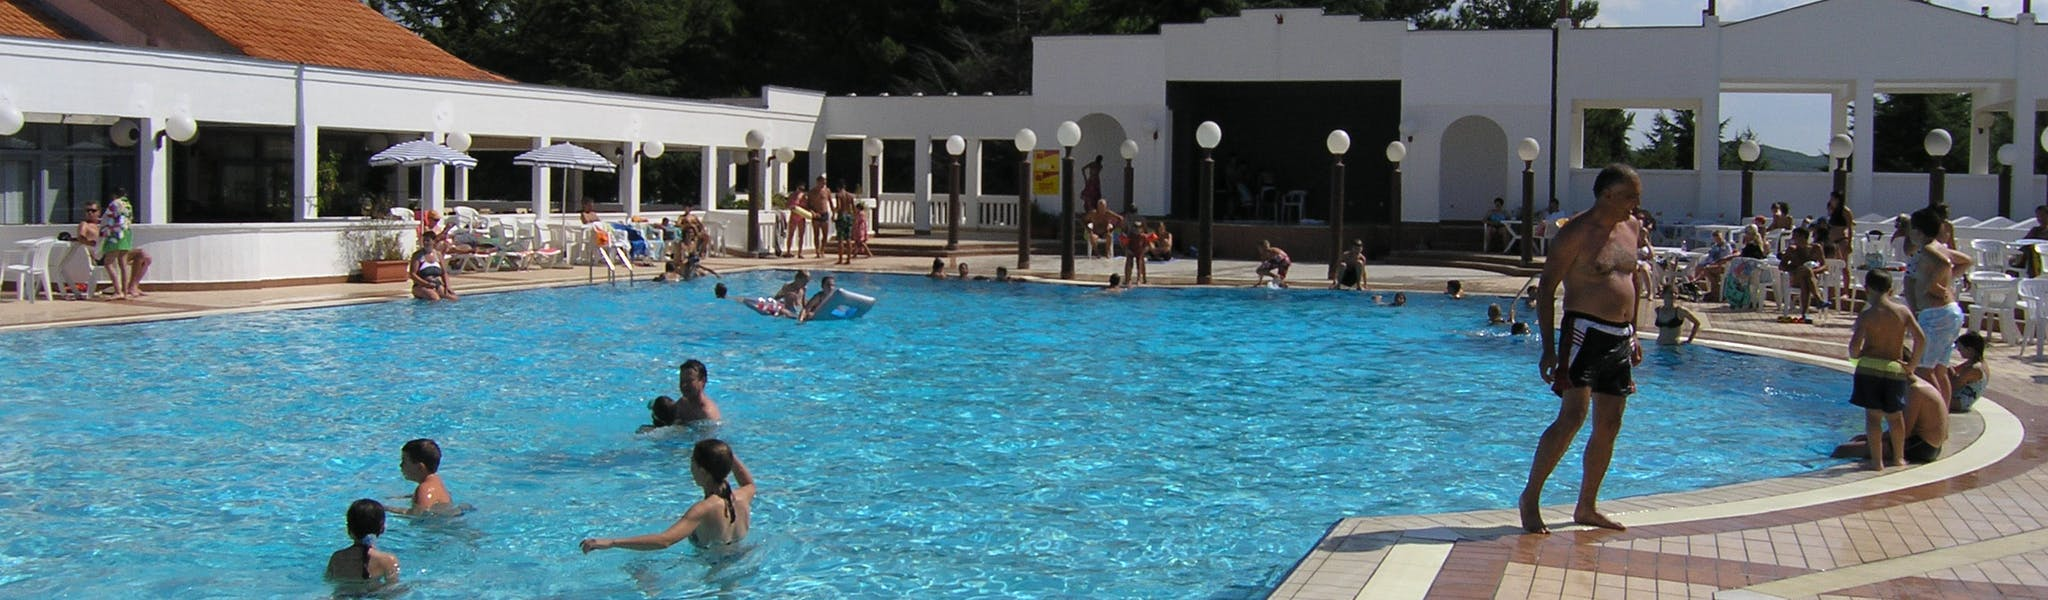 Zwemmen in zwembad Porto Sole